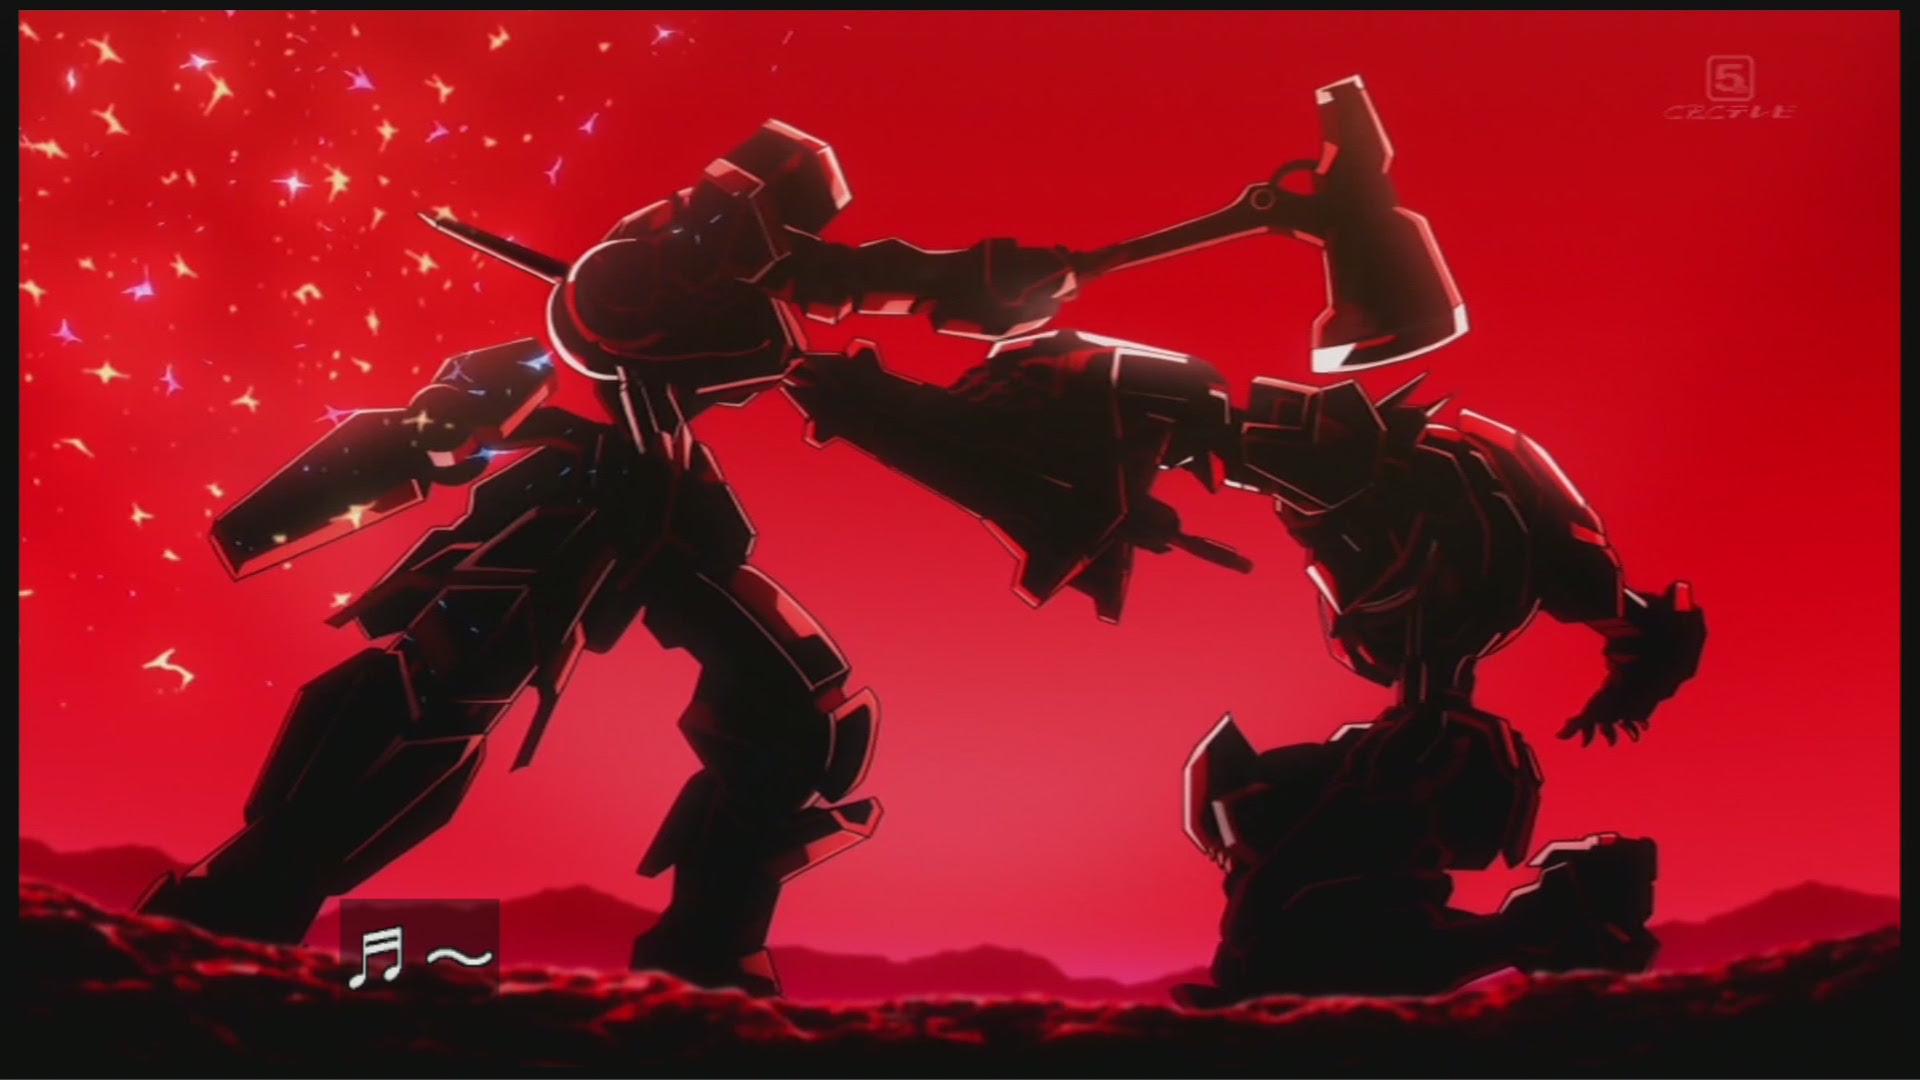 ガンプラ 機動戦士ガンダム 鉄血のオルフェンズ グレイズを組み立て